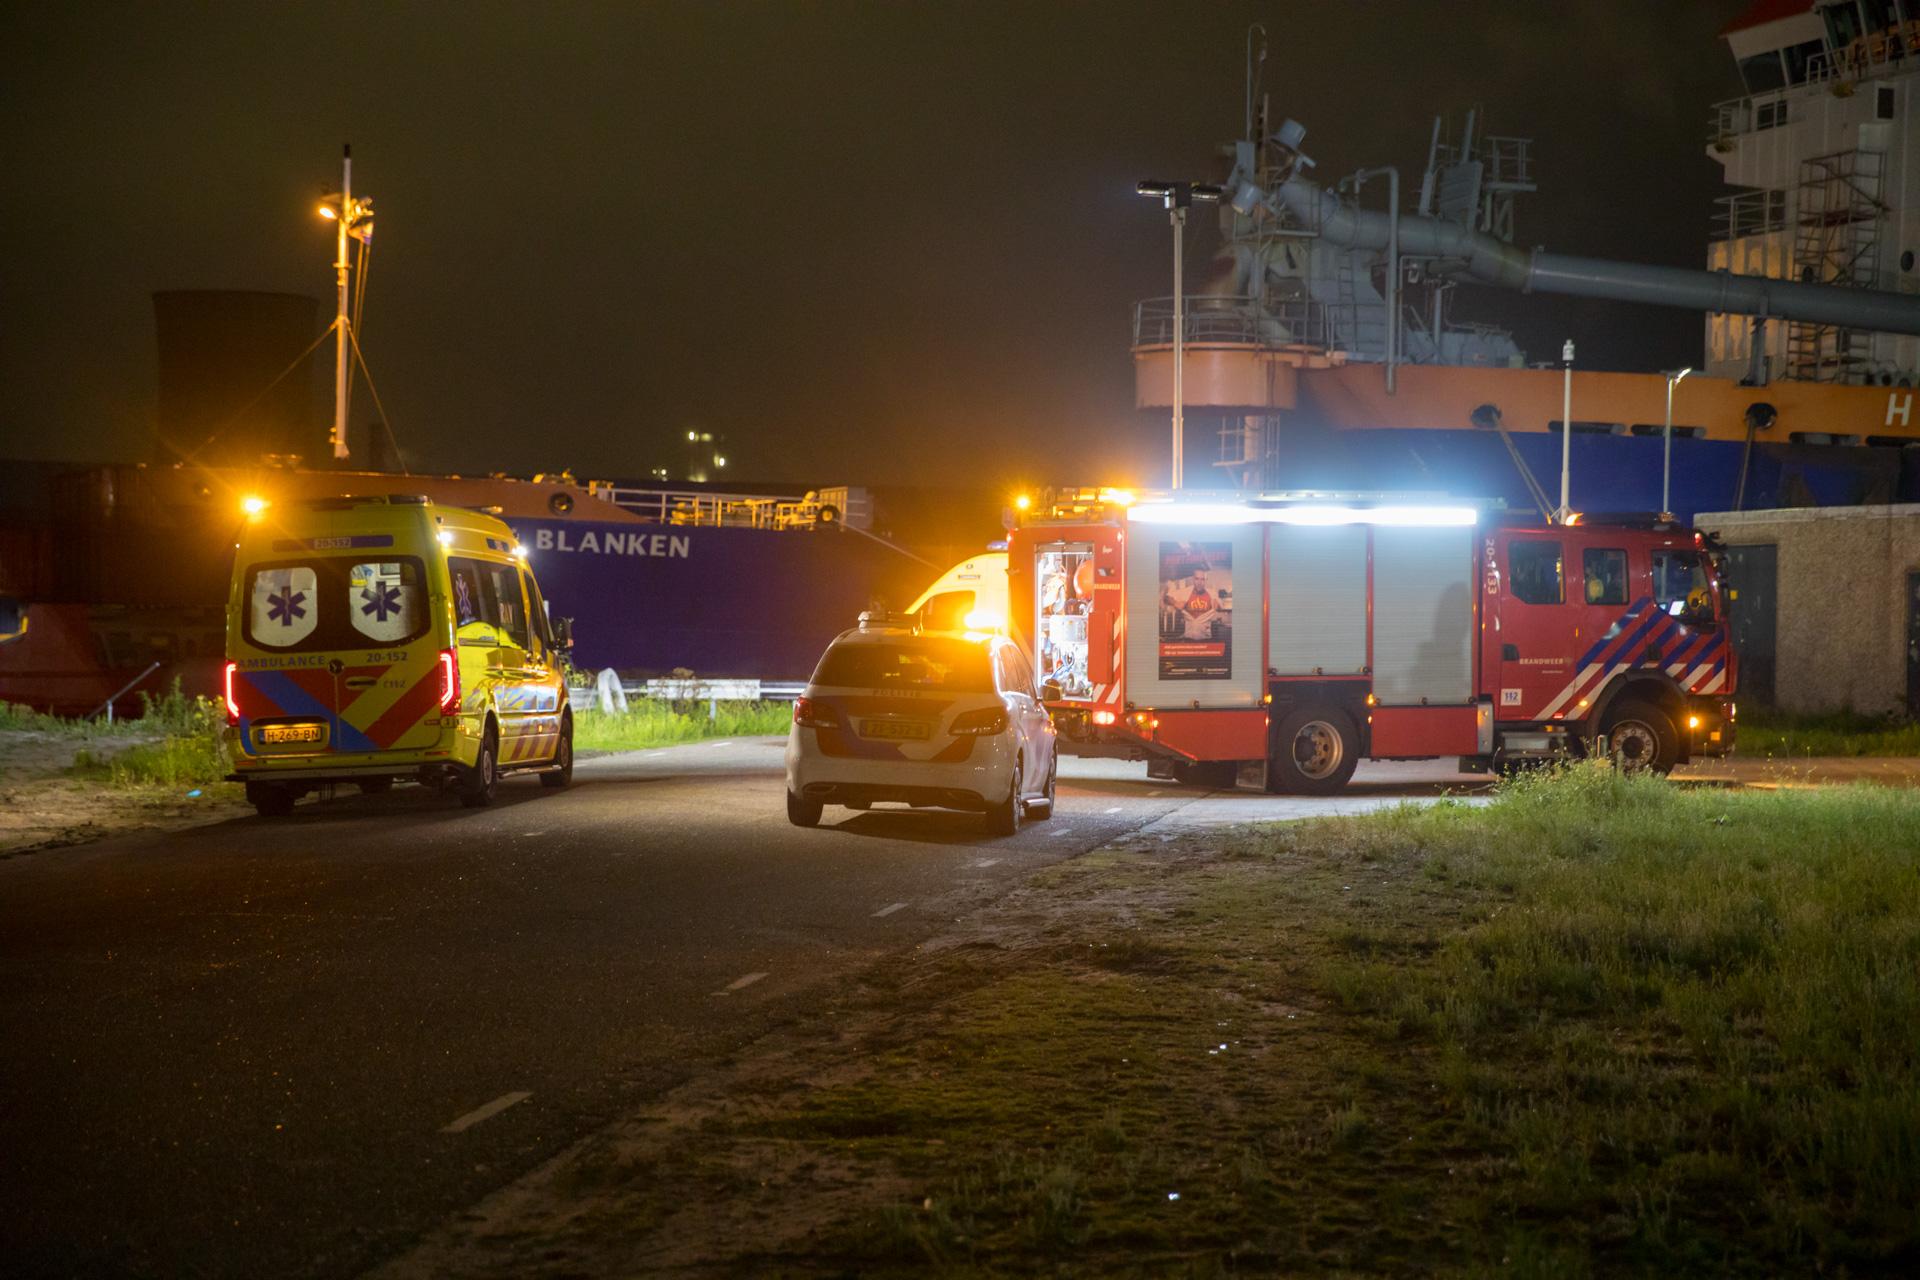 Rotterdammer omgekomen bij ongeval op schip in de haven van Moerdijk. (Foto Christian Traets)